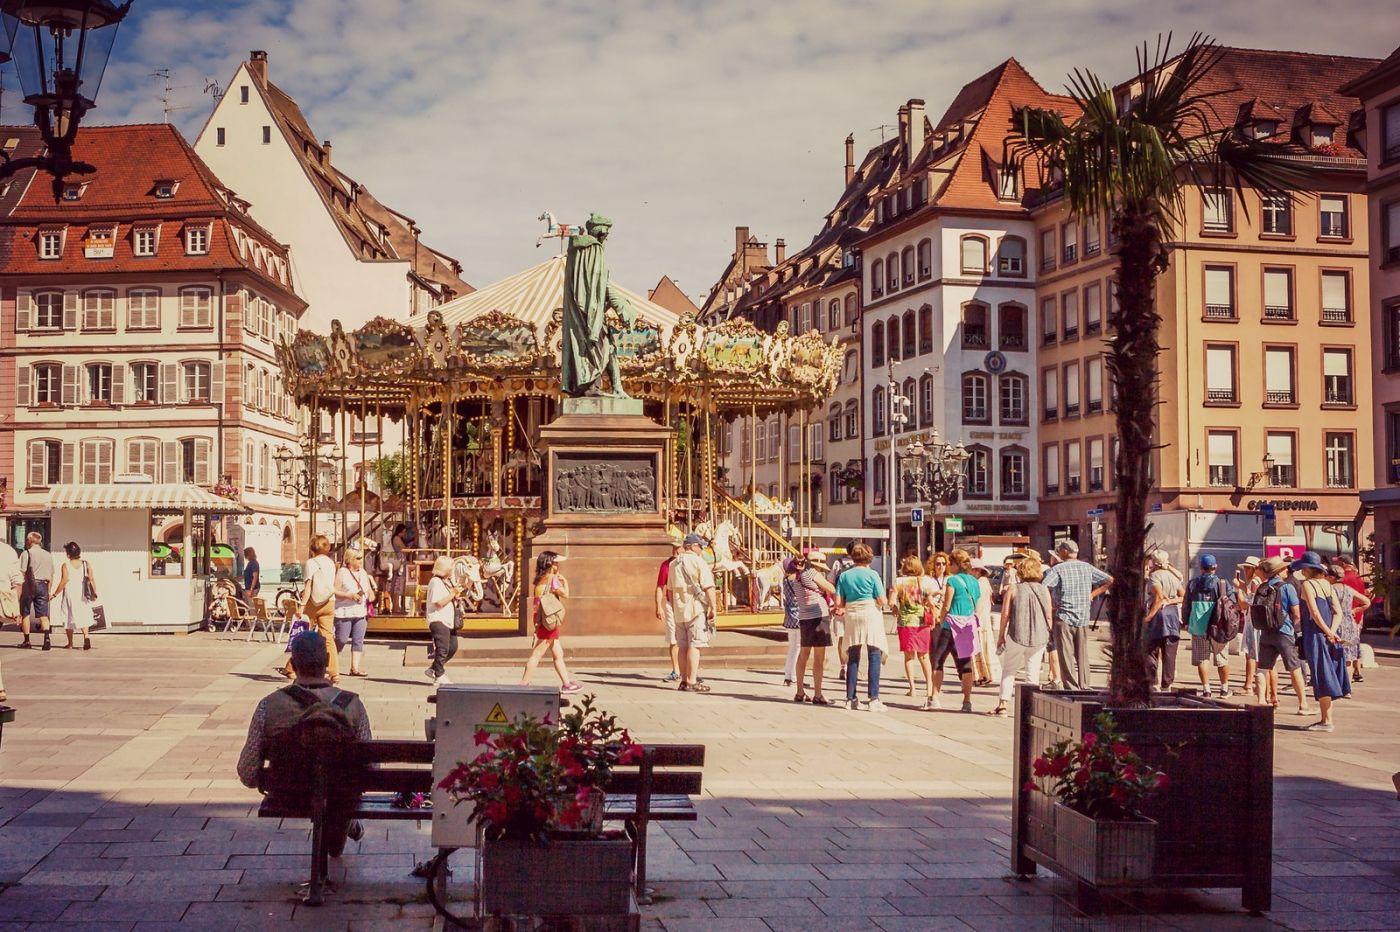 法国斯特拉斯堡(Strasbourg),边走边拍_图1-21